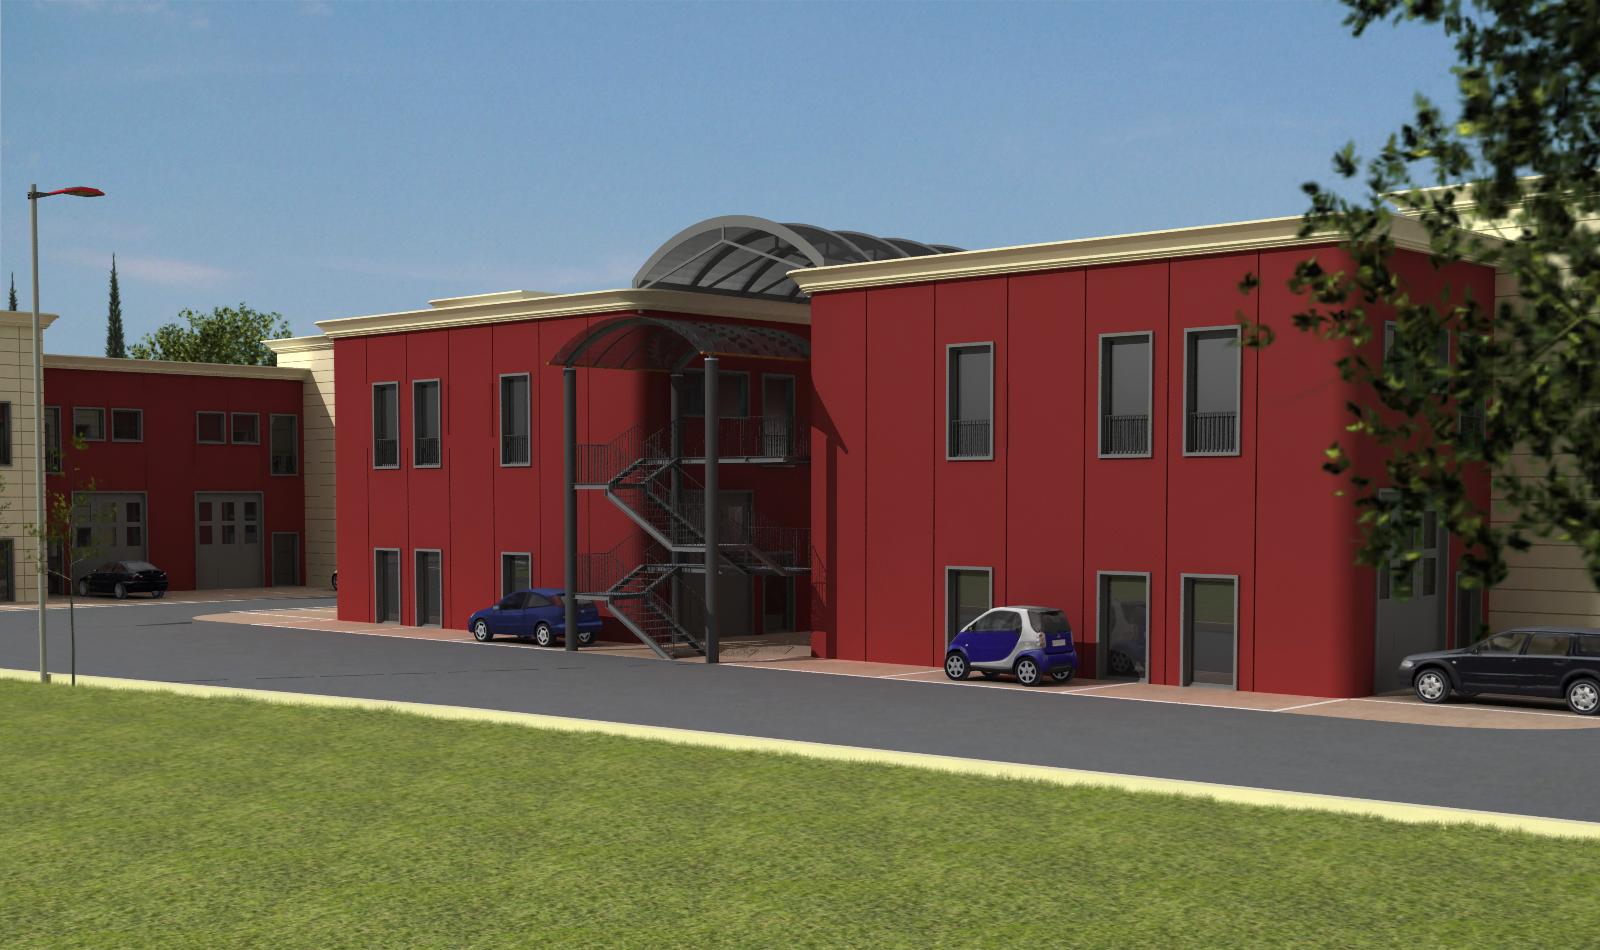 nuova-costruzione-di-fabbricati-artigianali-in-lucca-frazione-di-san-filippo-image-1